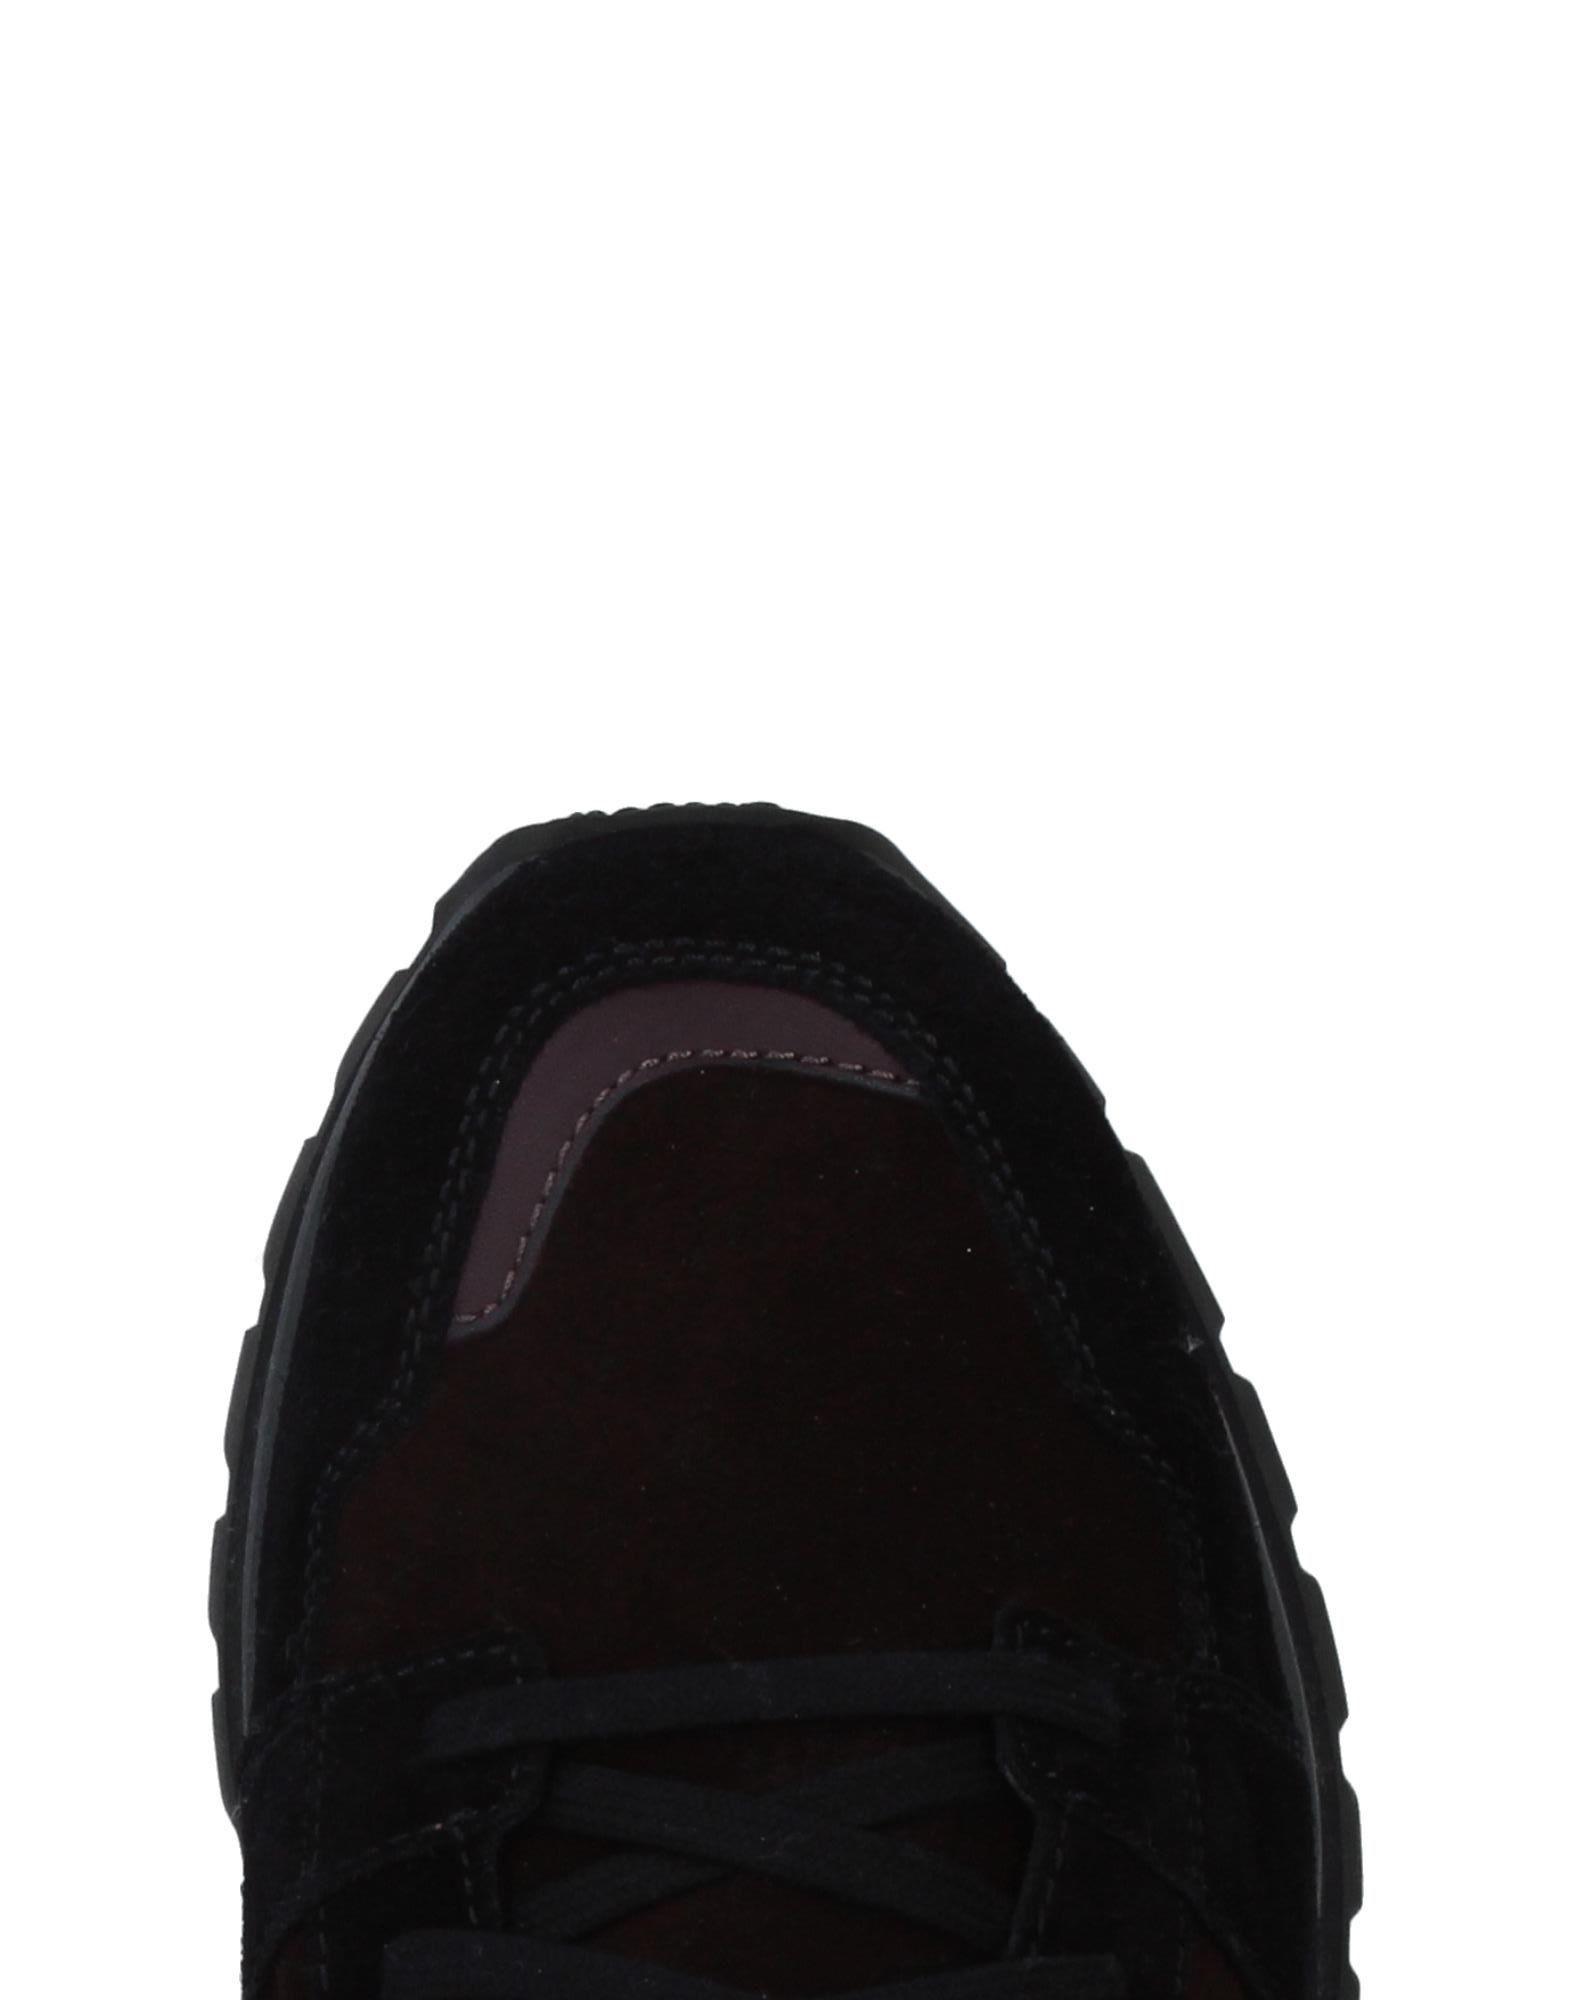 Santoni 11325415VK Sneakers Herren  11325415VK Santoni Gute Qualität beliebte Schuhe 3e971e